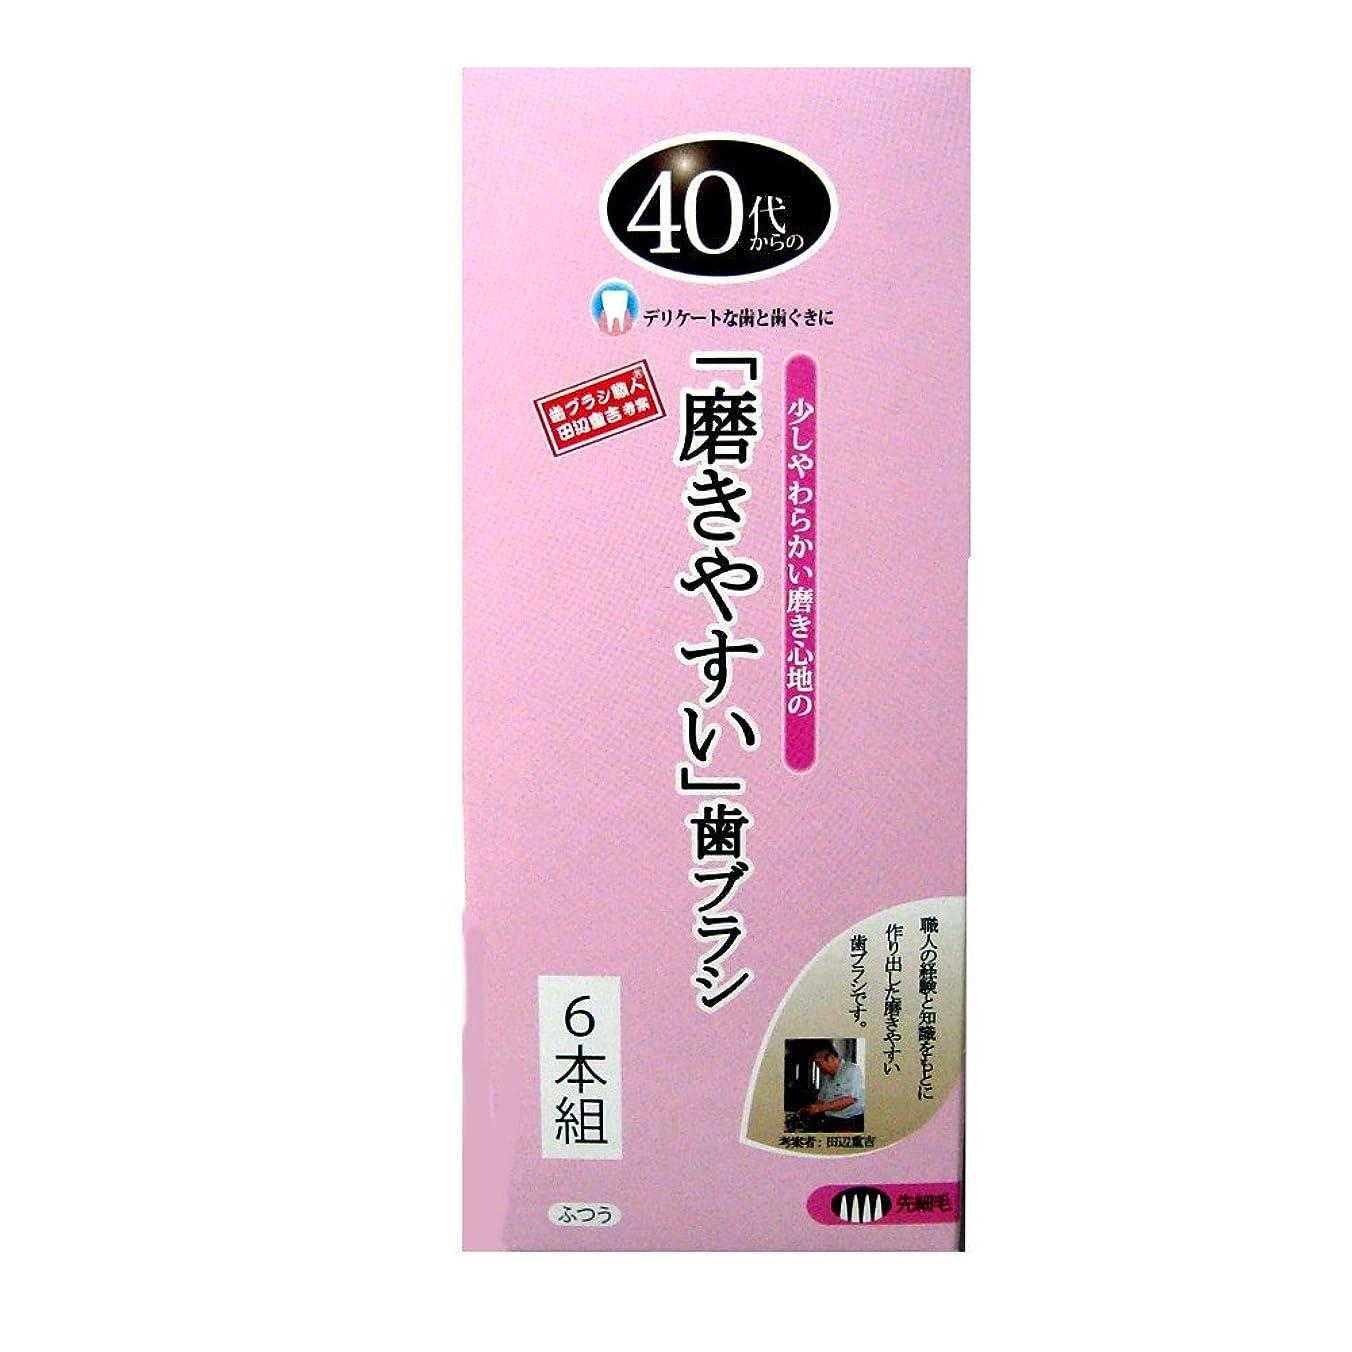 原始的なコインランドリー主導権ライフレンジ 磨きやすい歯ブラシ 40代から ふつう LT-115 6本組 4560292169909